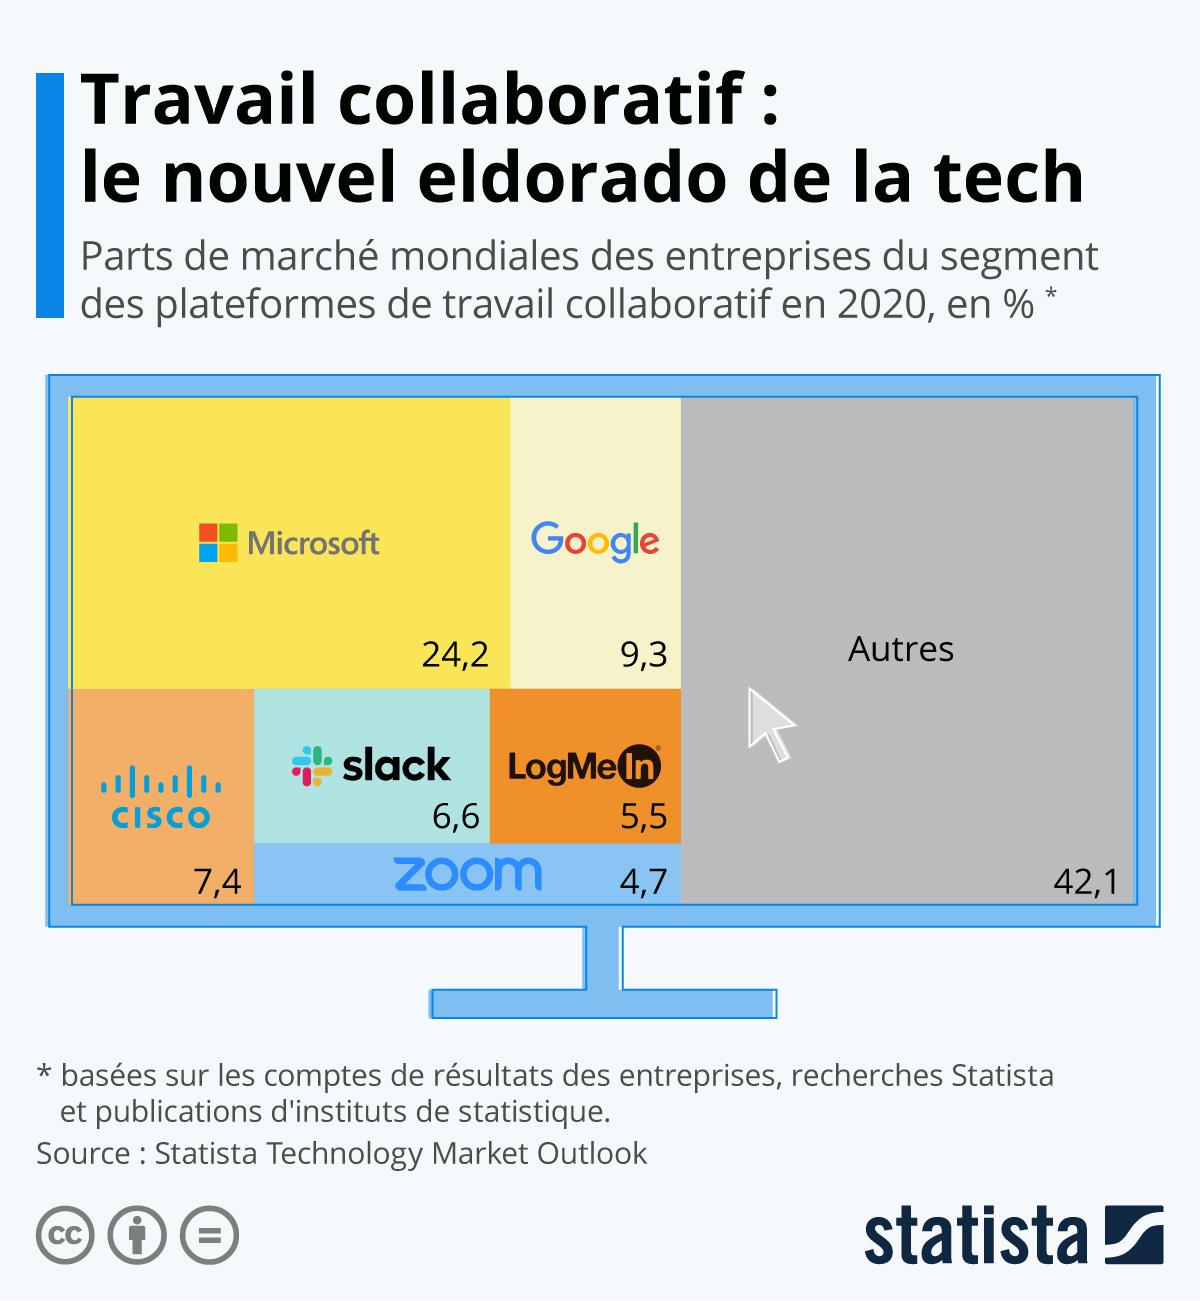 Infographie: Travail collaboratif : le nouvel eldorado de la tech | Statista